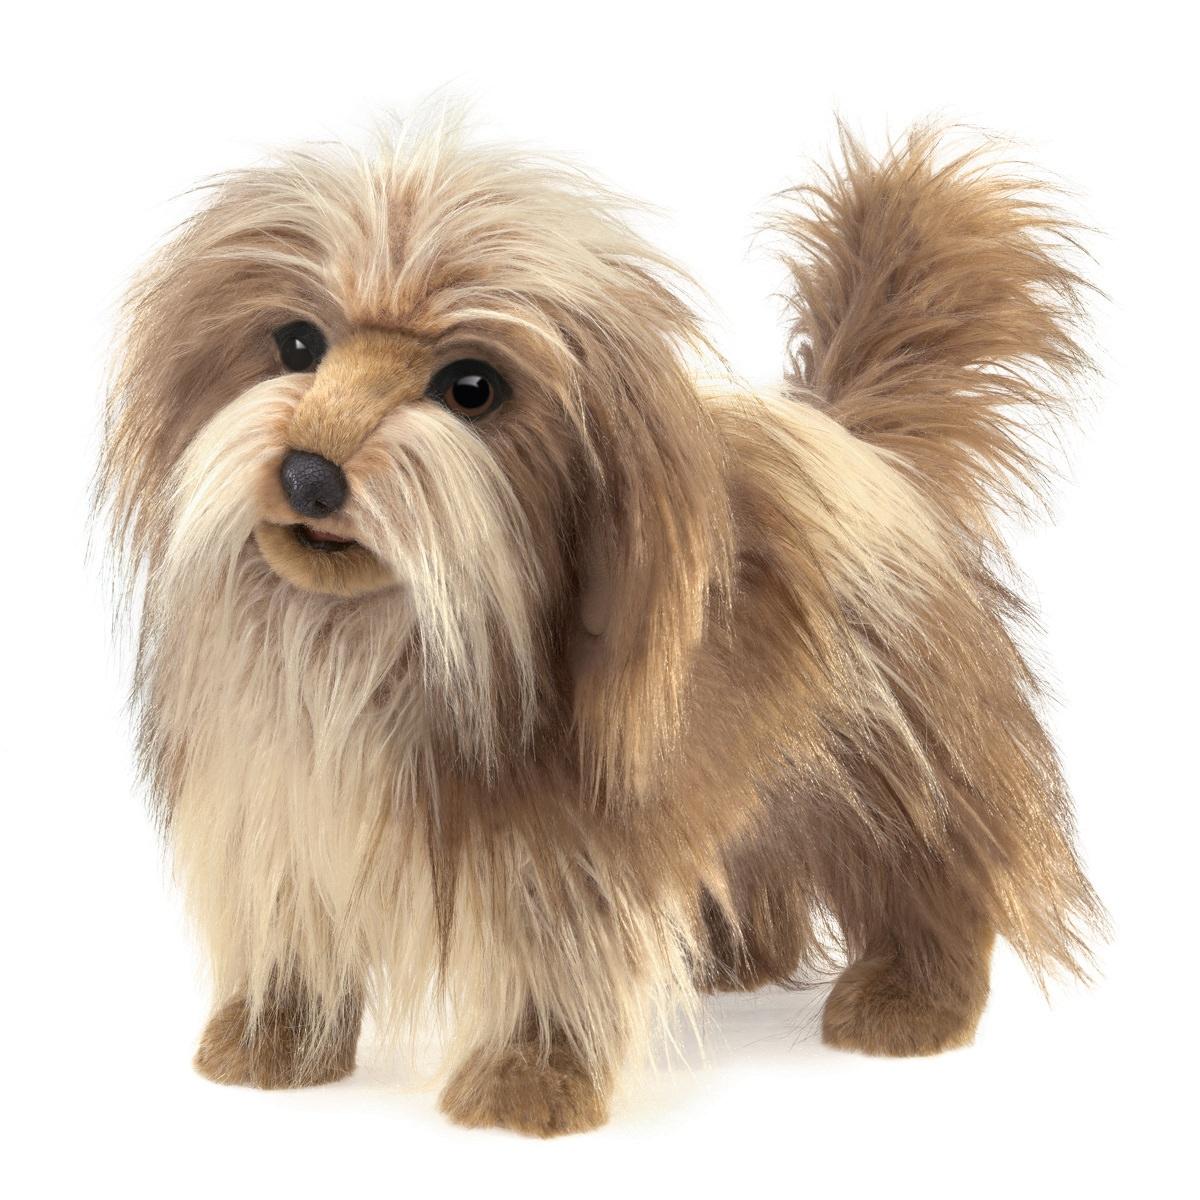 Chlupatý pes plyšový 50 × 35 × 22cm Folkmanis | skladem